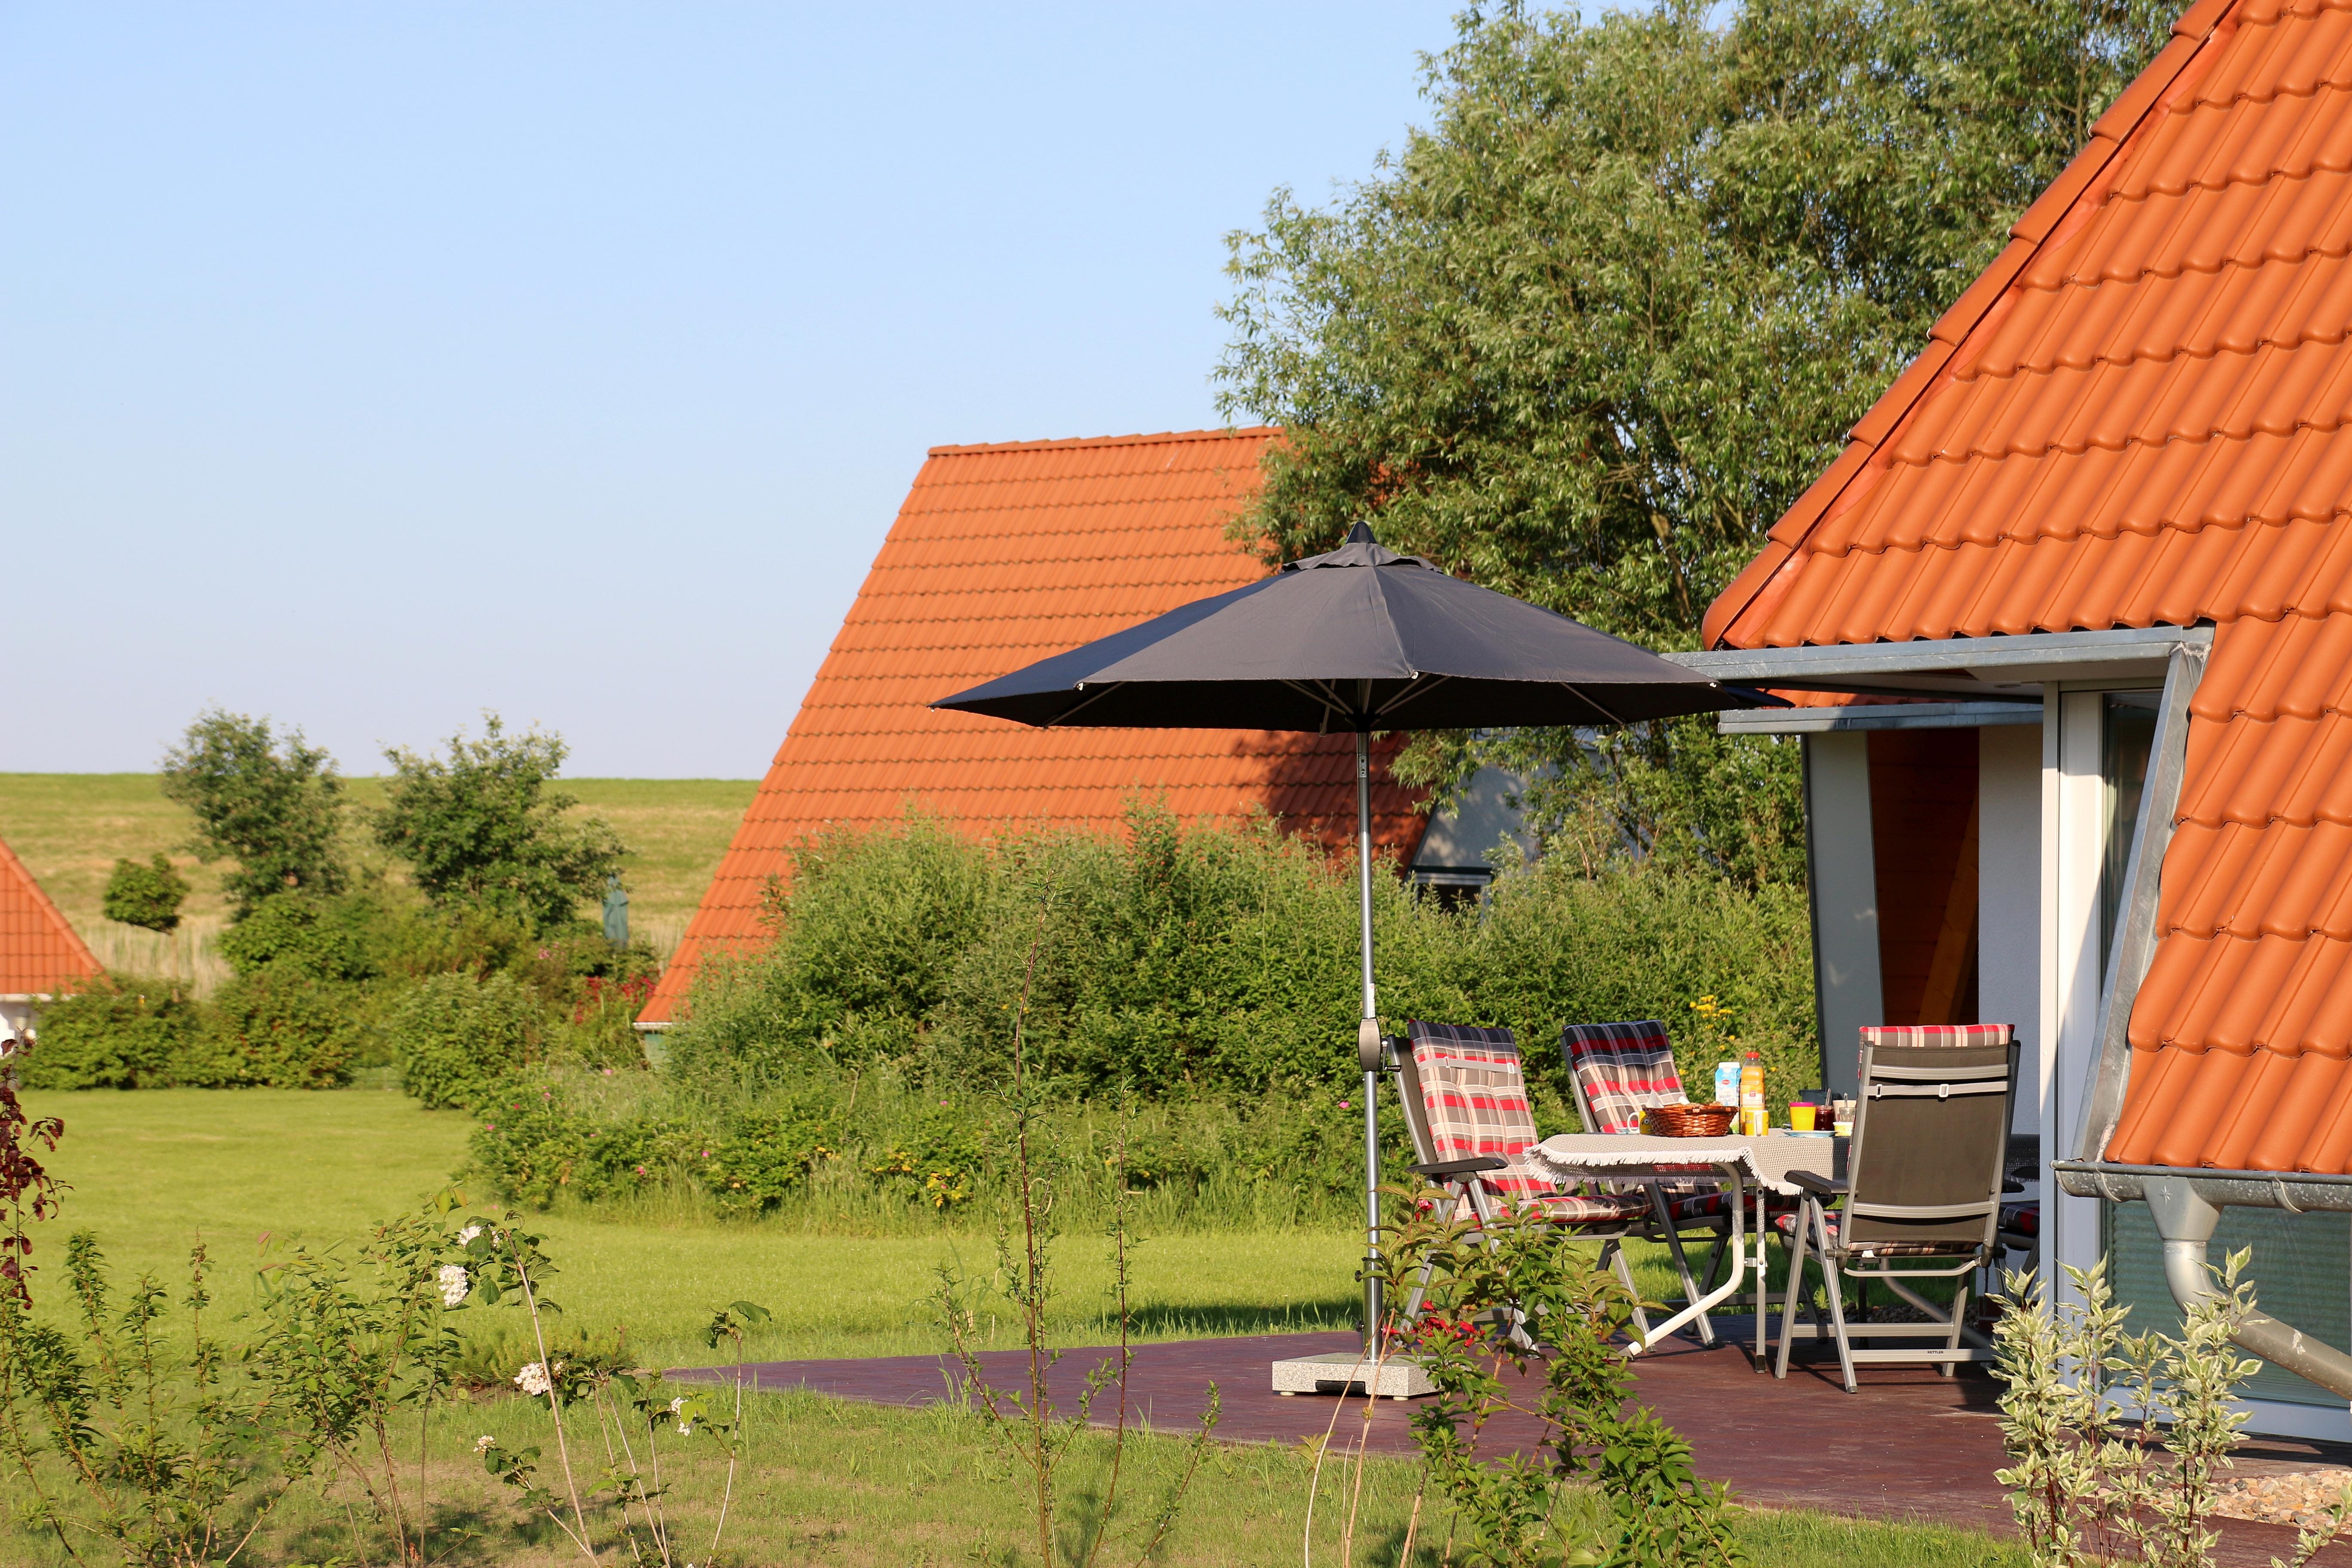 Ferienhaus Wiesenpieper - große SW-Terrasse